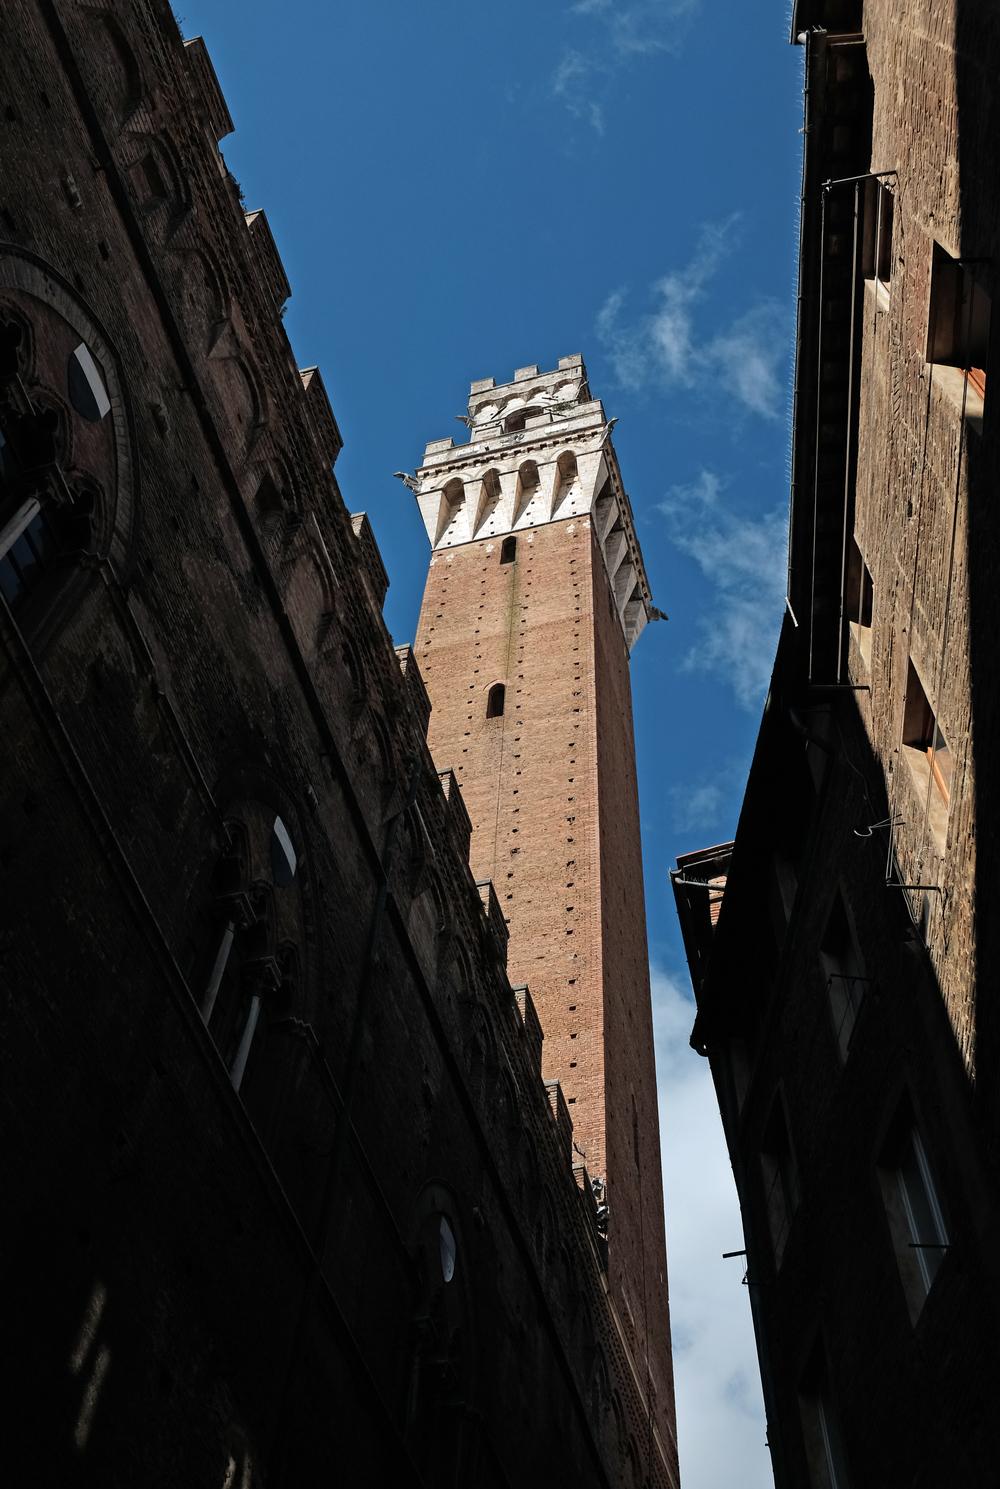 Tuscany: Siena